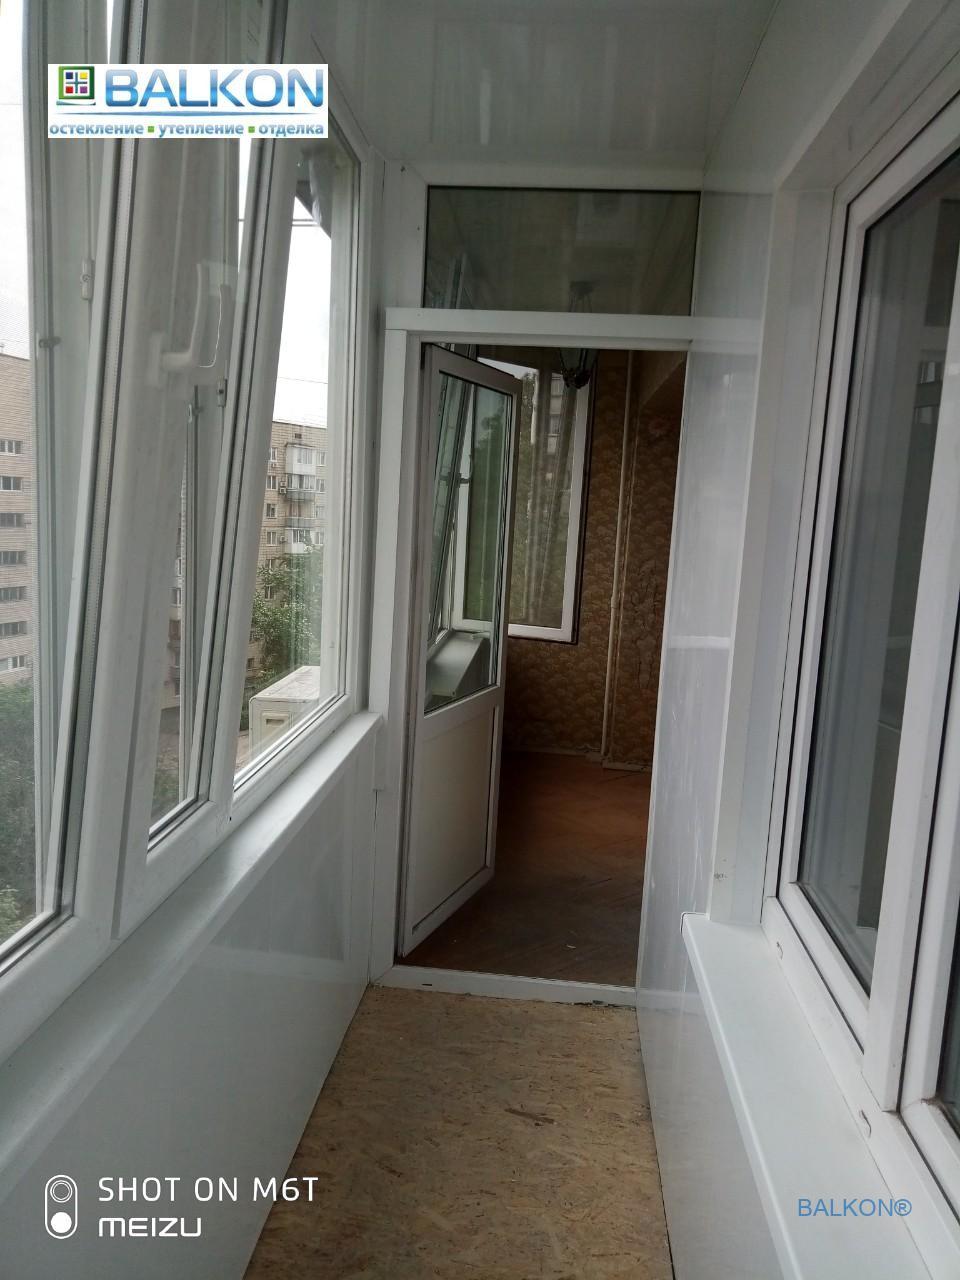 Балкон под ключ Киев ул. Малиновского 25В - фото бригада 13